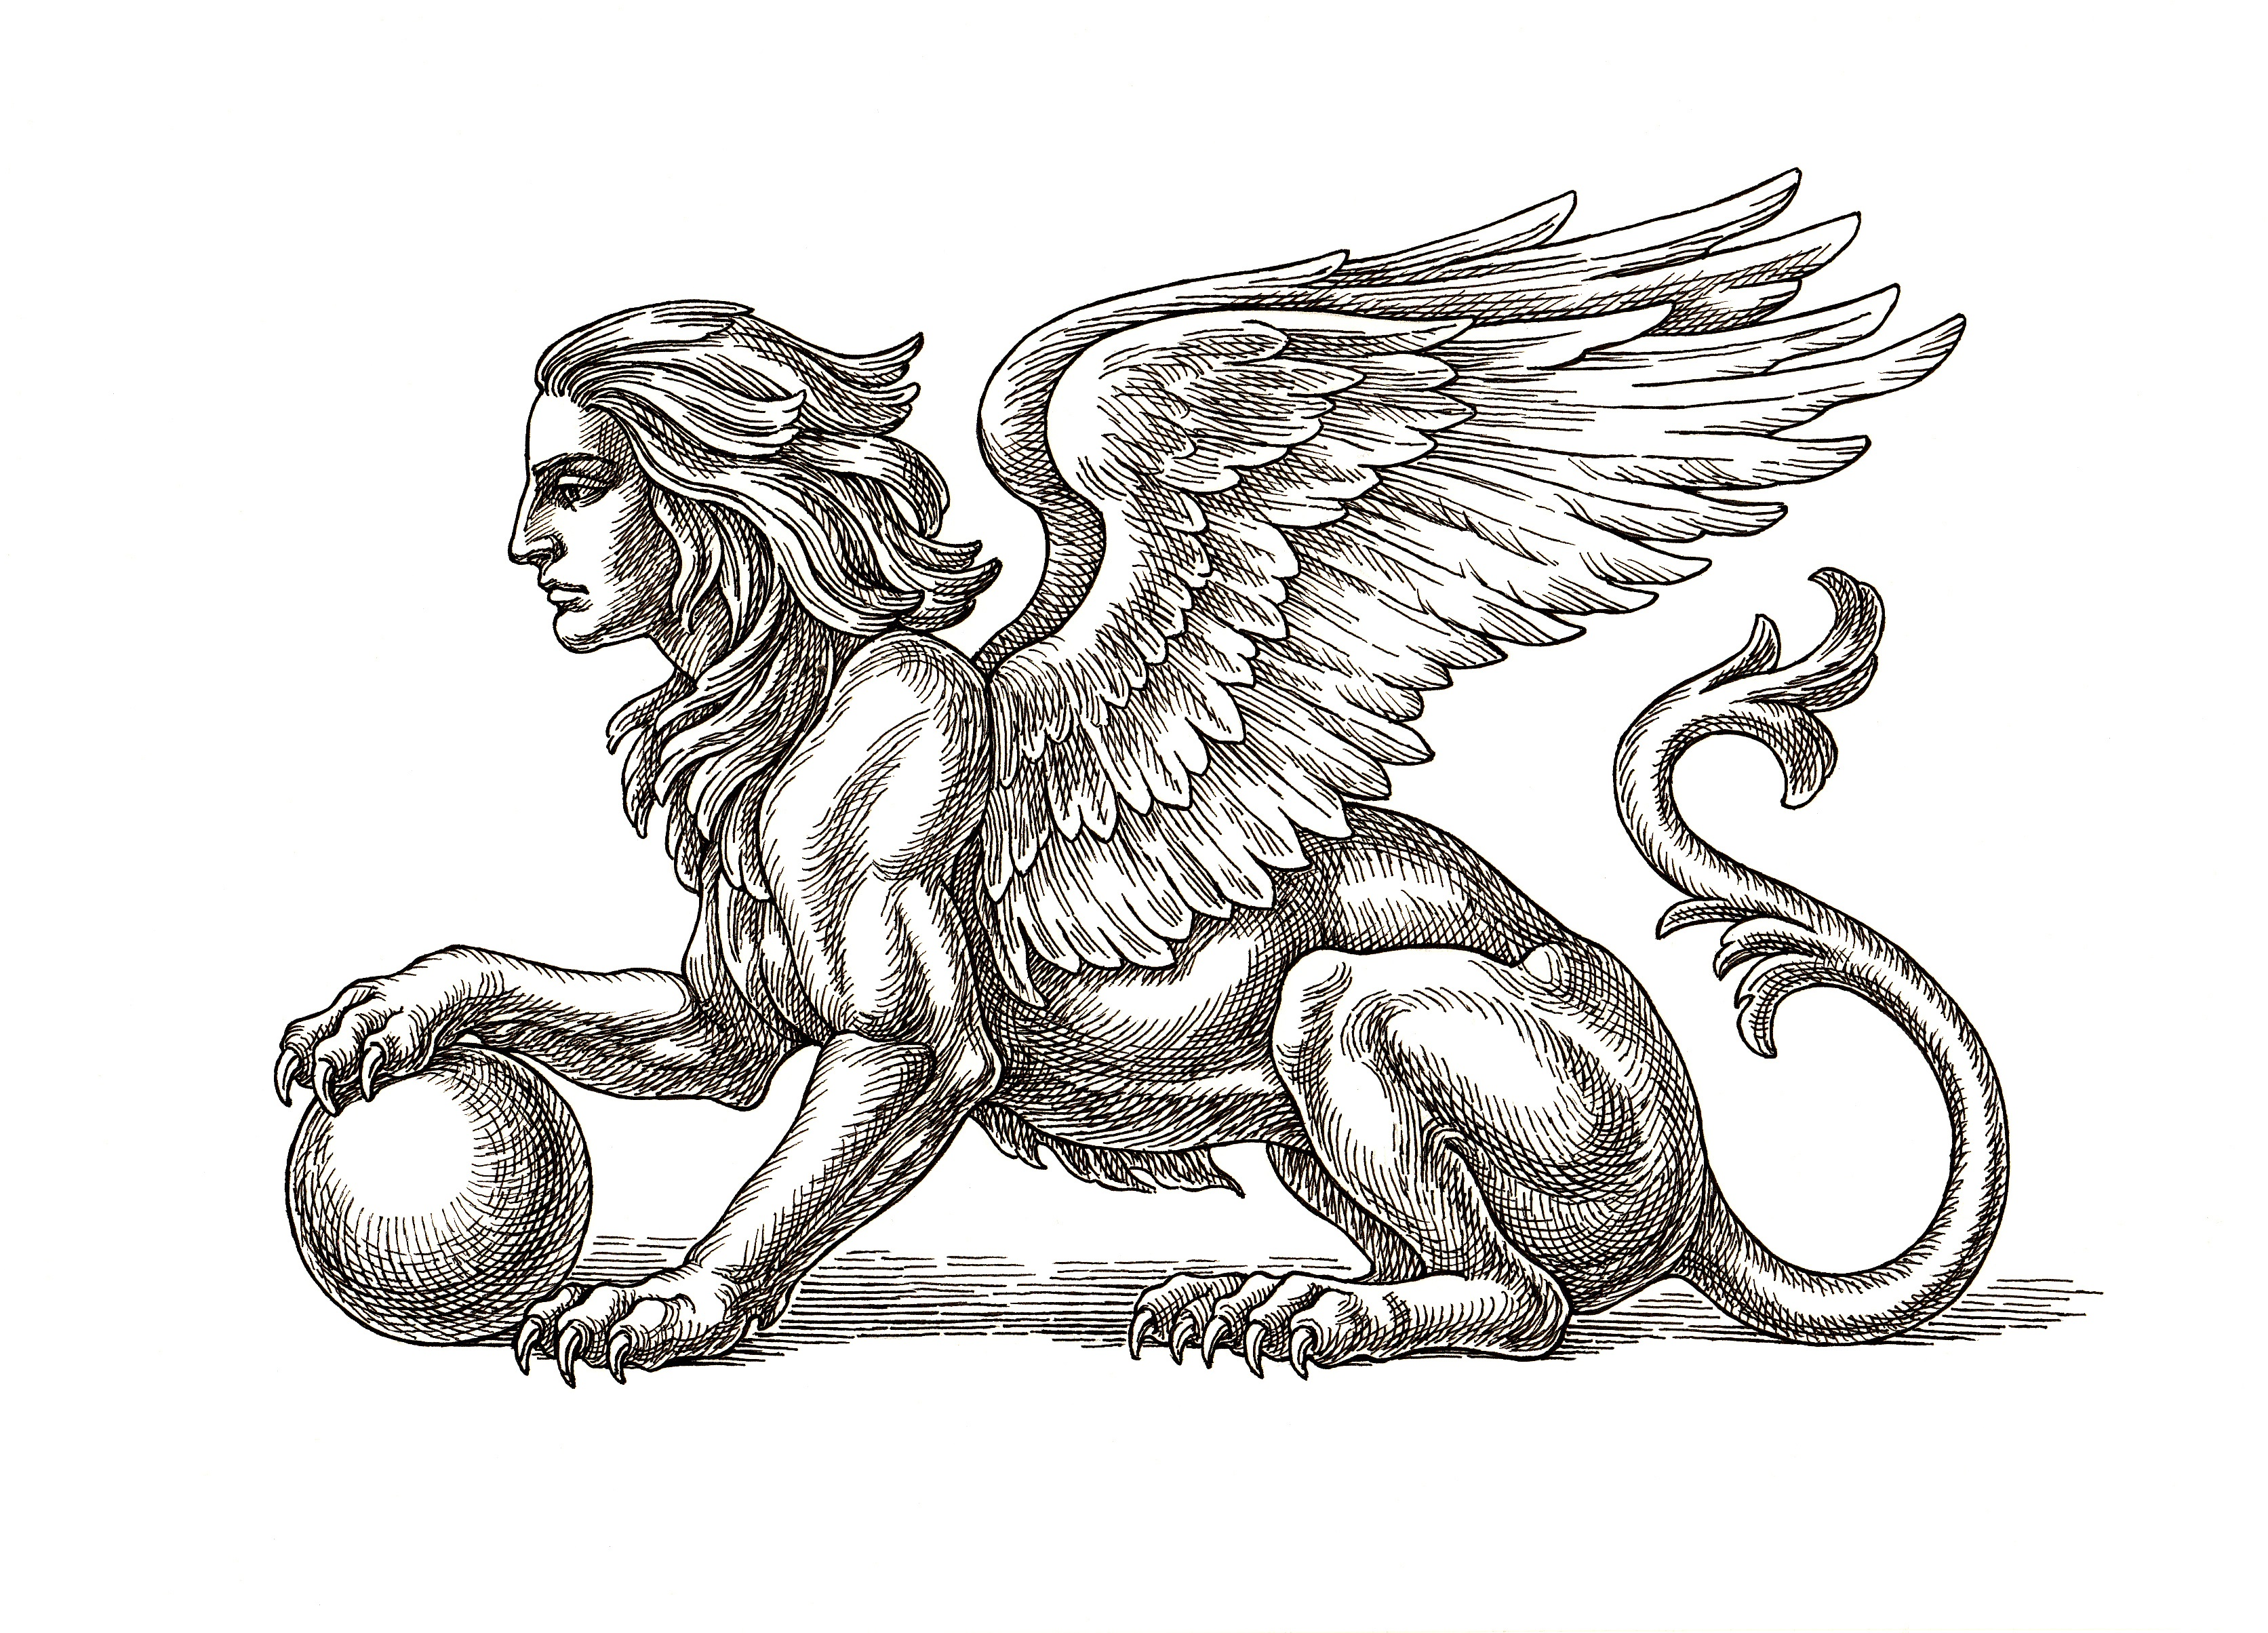 """Но когато гърците приемат идеята за Сфинкса, те ги възприемат като нещо лошо. Добавят им опаашки на змии и криле и вярват, че това са жестоки интелигентни зверове, които обичат да си играят с жертвите си, преди да ги убият и изядат.<br /> <br /> Днес най-известната история за тези митологични същества идва от приказката за Едип. По пътуването си до Тива, Едип бил заговорен от сфинкс, който го питал за известната загадка: """"Какво ходи на четири крака сутрин, два следобед и три вечер?"""". Сфинксът е толкова сигурен, че Едип ще се провали, и че ще успее да го убие, че когато Едип отговаря правилно """"Човек"""", Сфинксът се самоубил от отчаяние."""